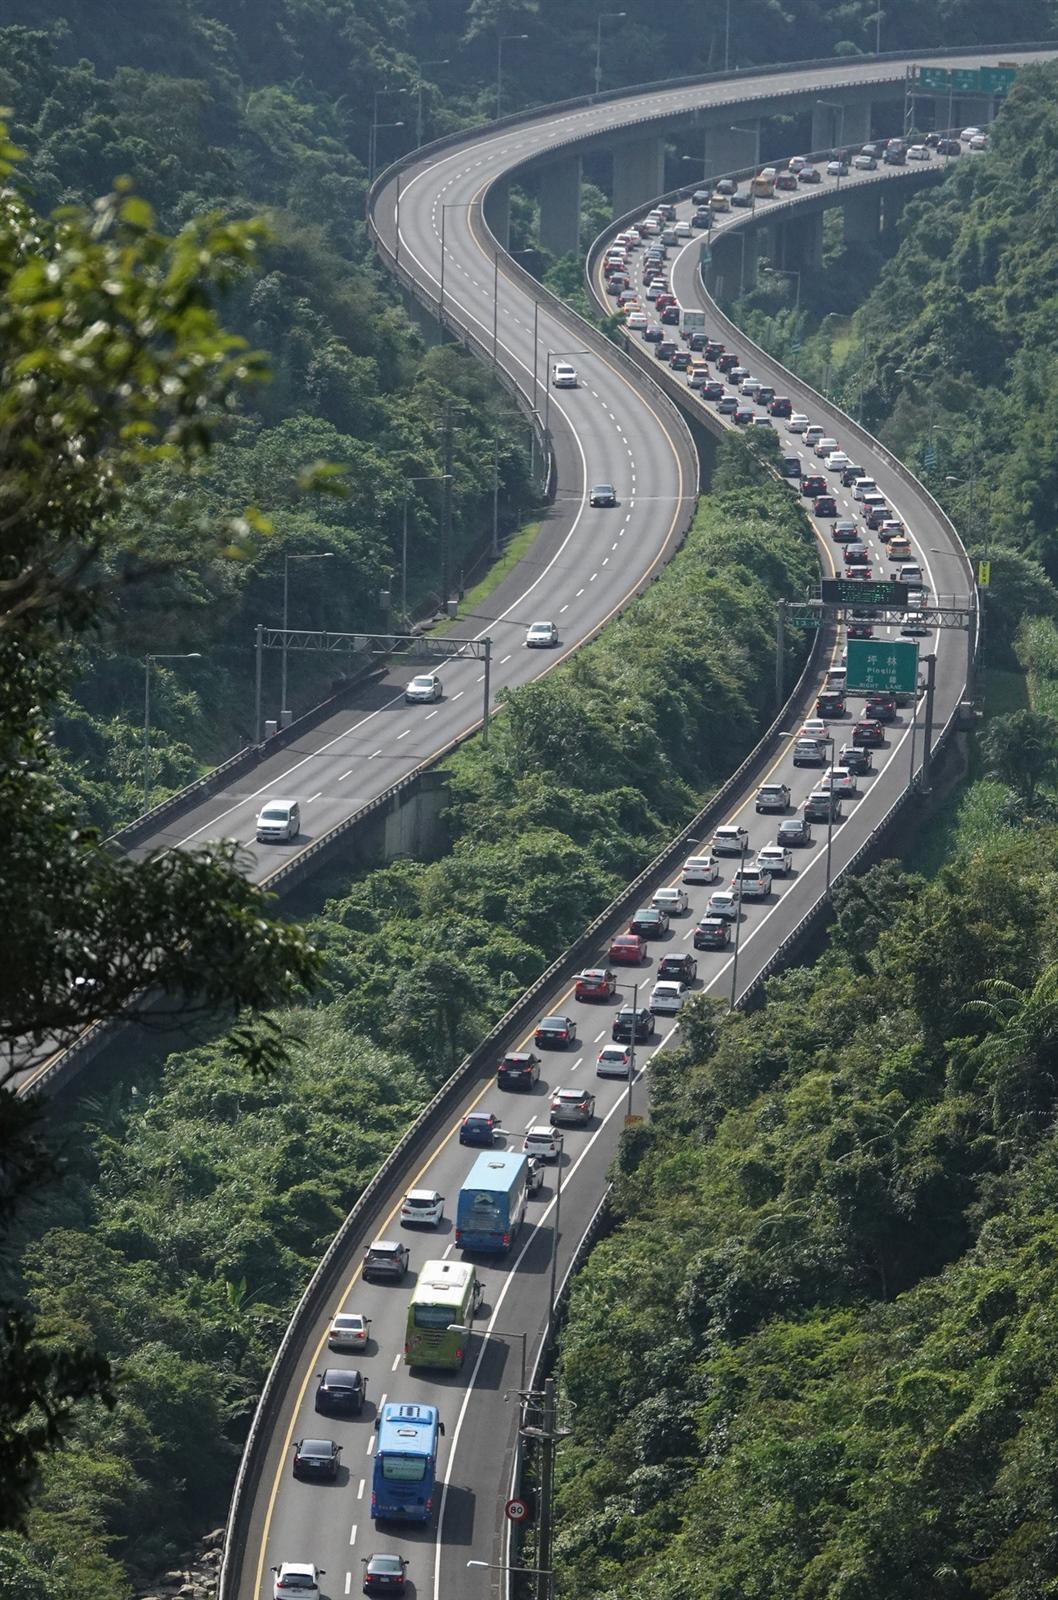 端午連假首日,國道5號連續塞車32小時,創下最長壅塞時段紀錄,引發民怨。記者潘俊宏/攝影